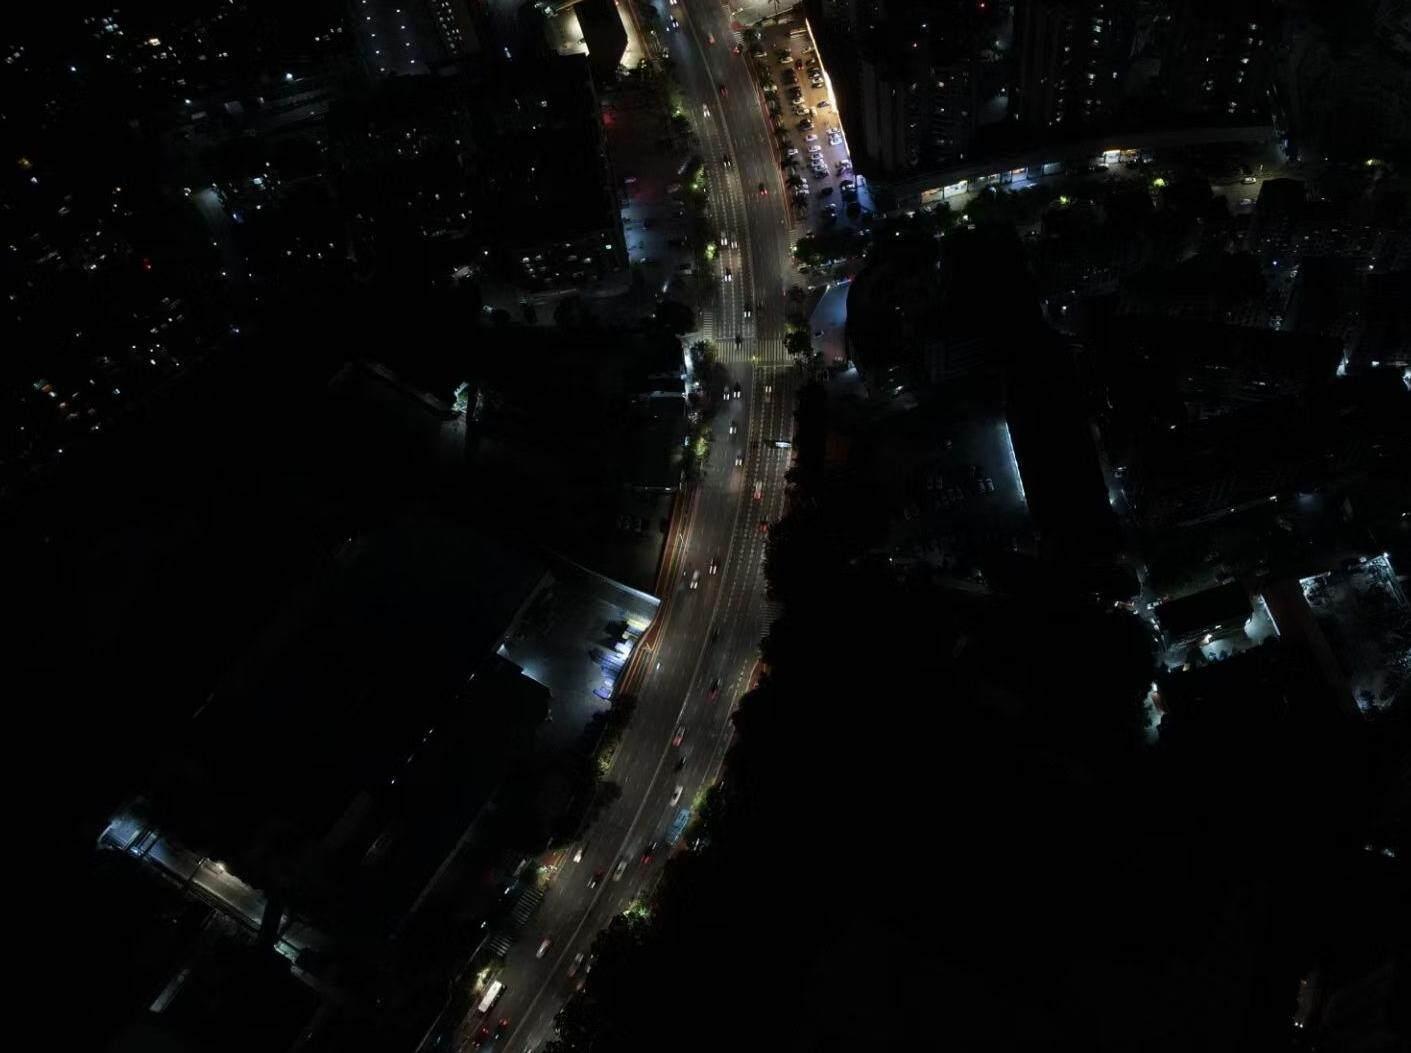 惠城上排多个小区突然停电,现场一片漆黑